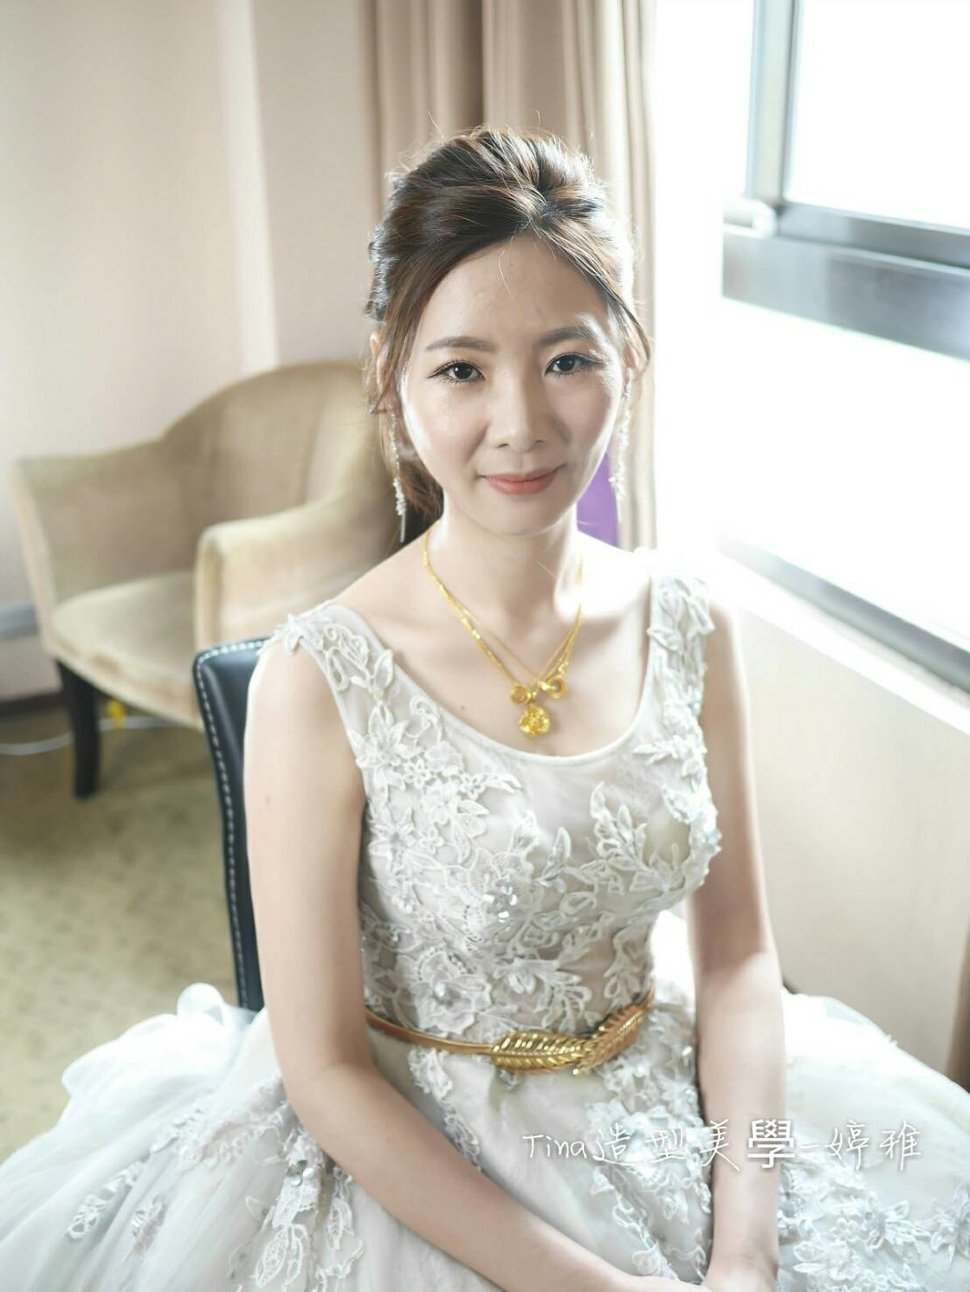 586853 - 雲林新秘/嘉義新娘秘書/Tina造型美學《結婚吧》